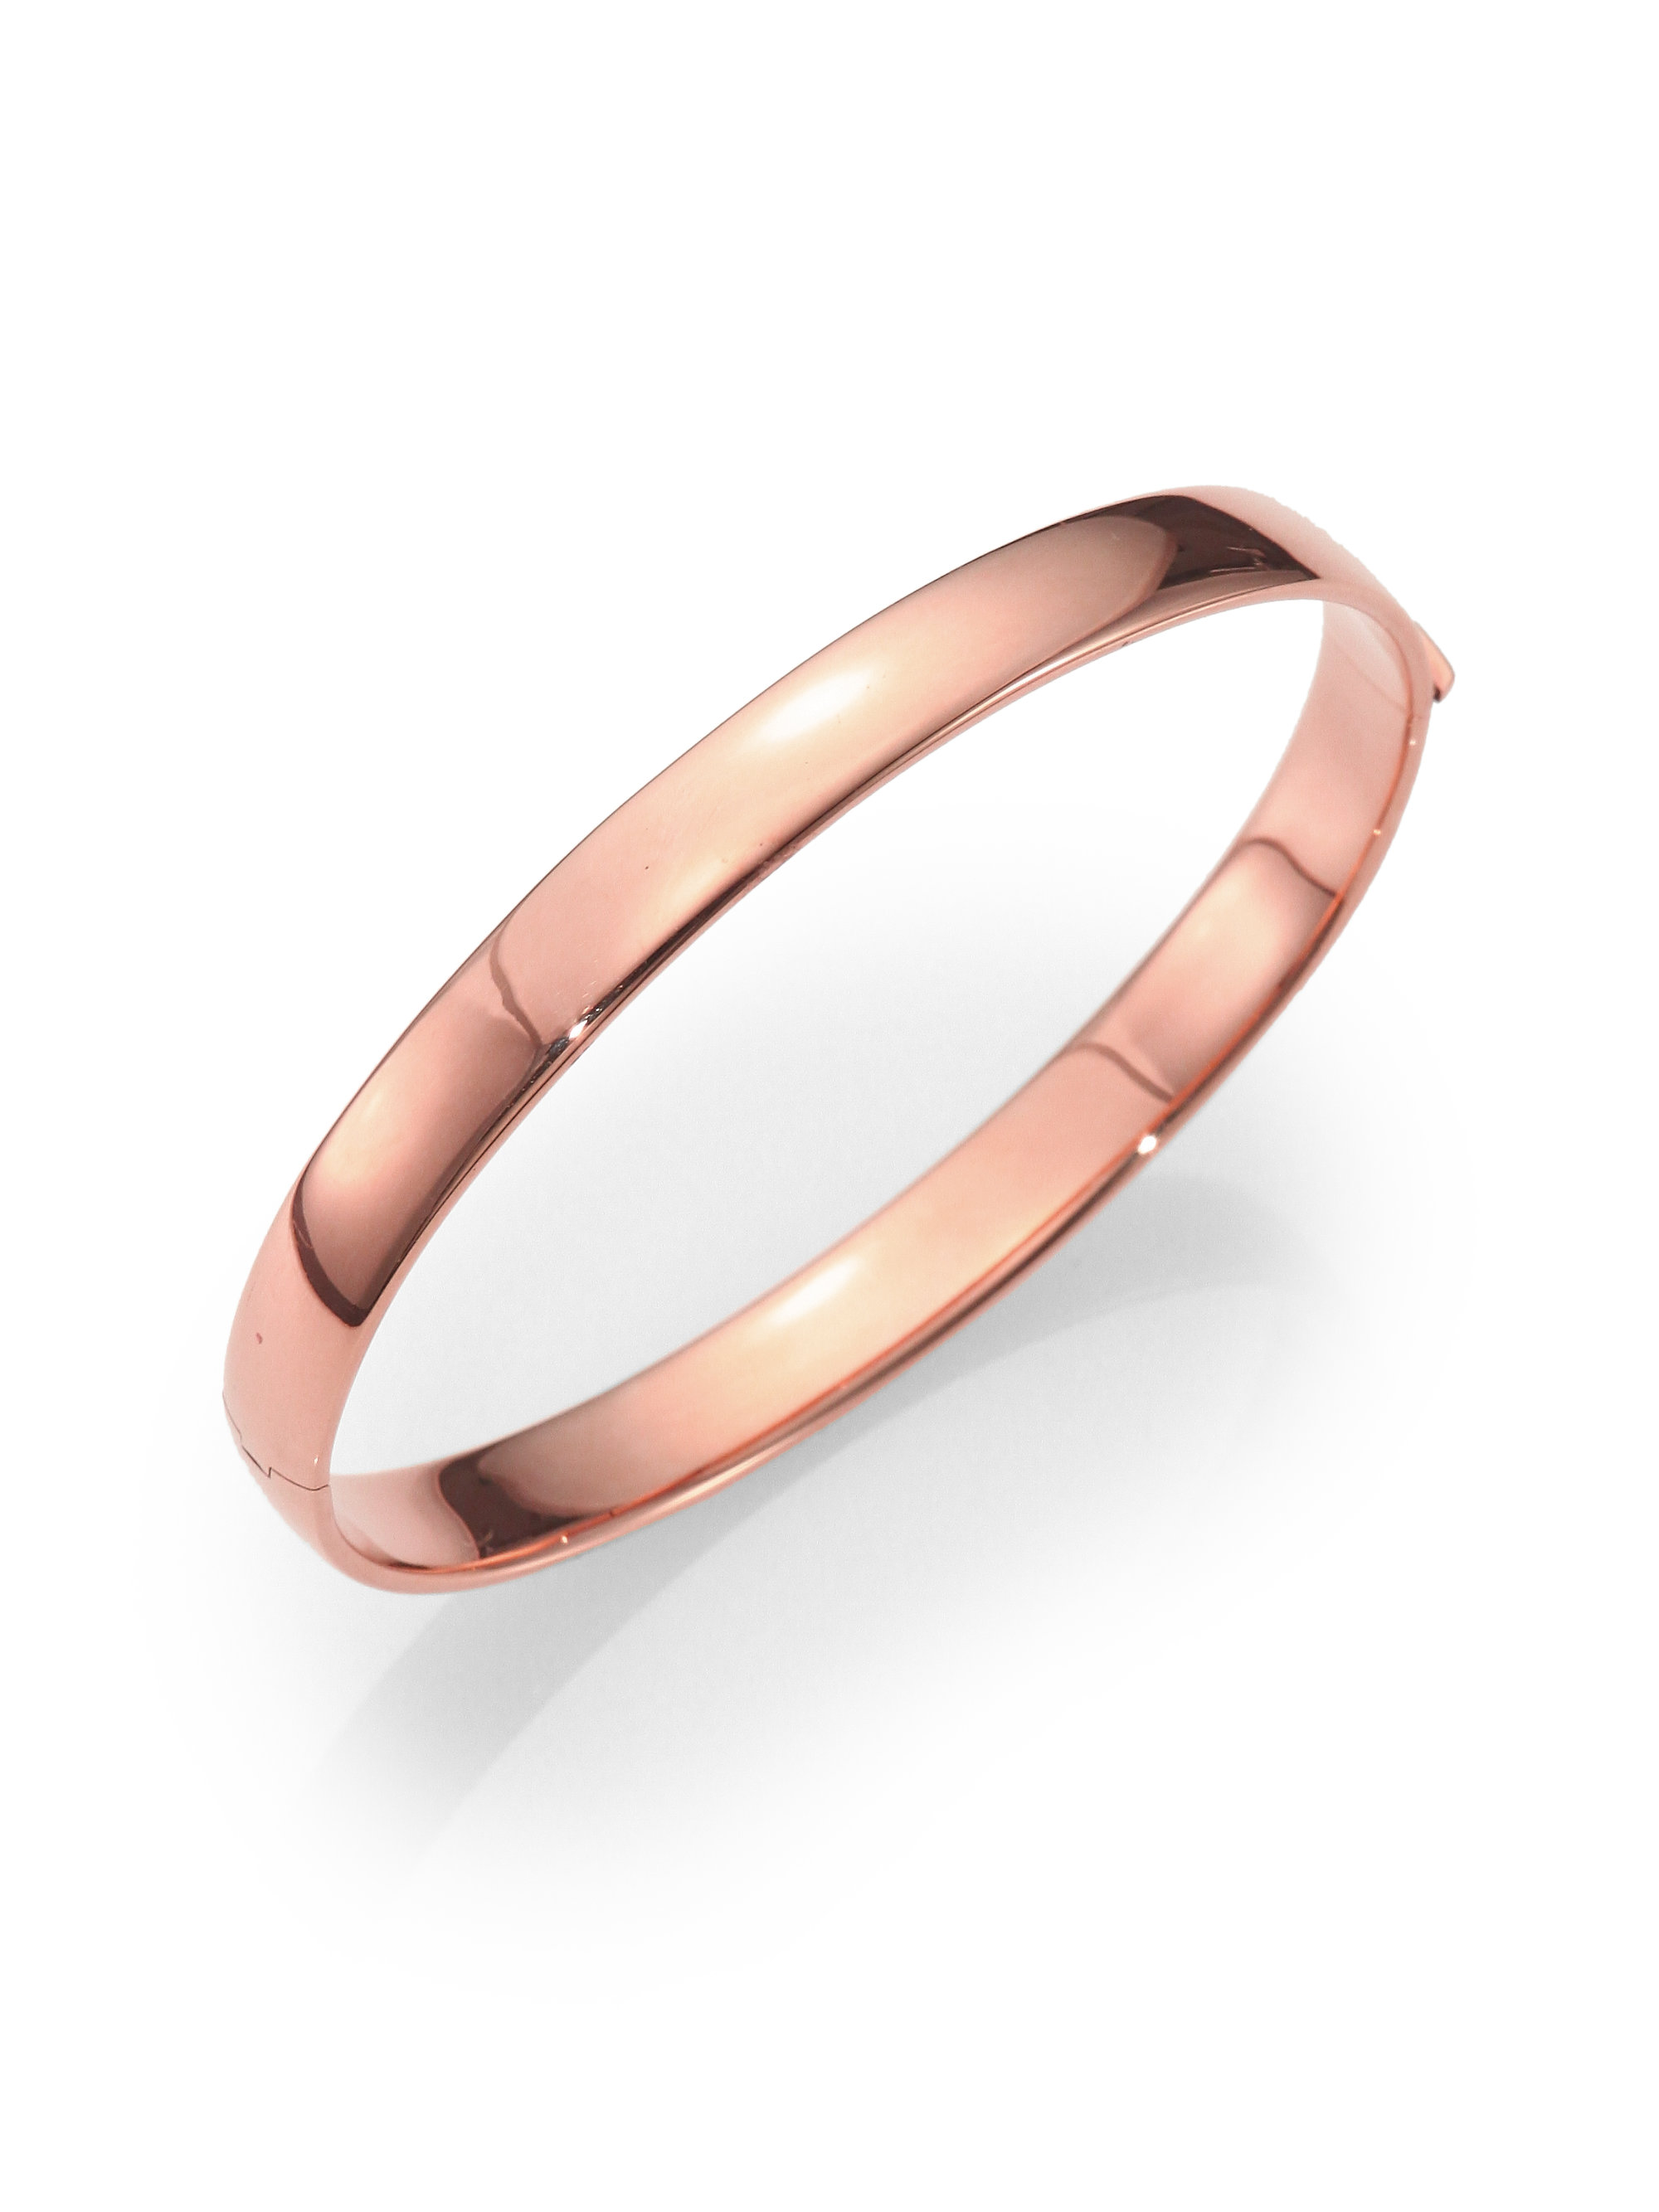 Roberto Coin 18k Rose Gold Bangle Bracelet in Pink  ROSE GOLD Rose Gold Bangle Bracelet